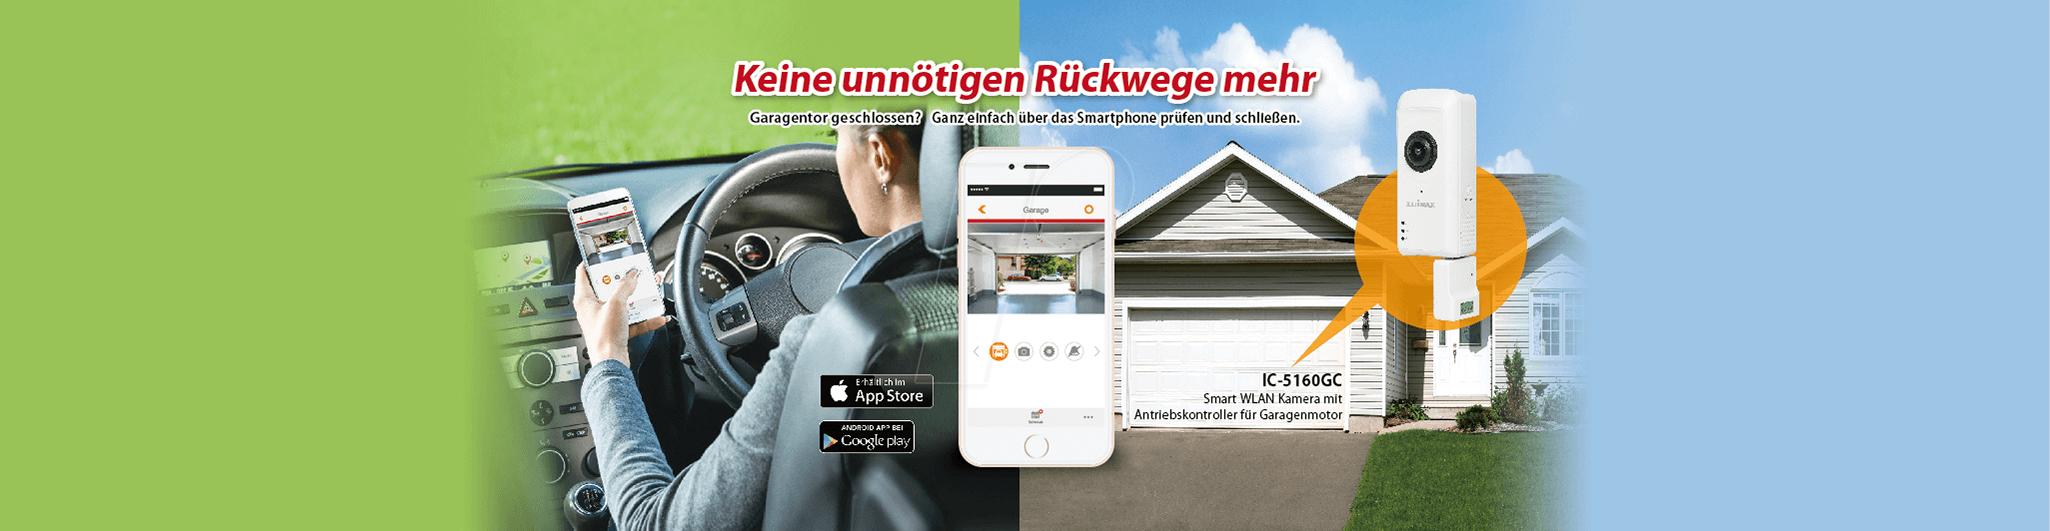 https://cdn-reichelt.de/bilder/web/xxl_ws/H100/IC-5160GC_BANNER.png